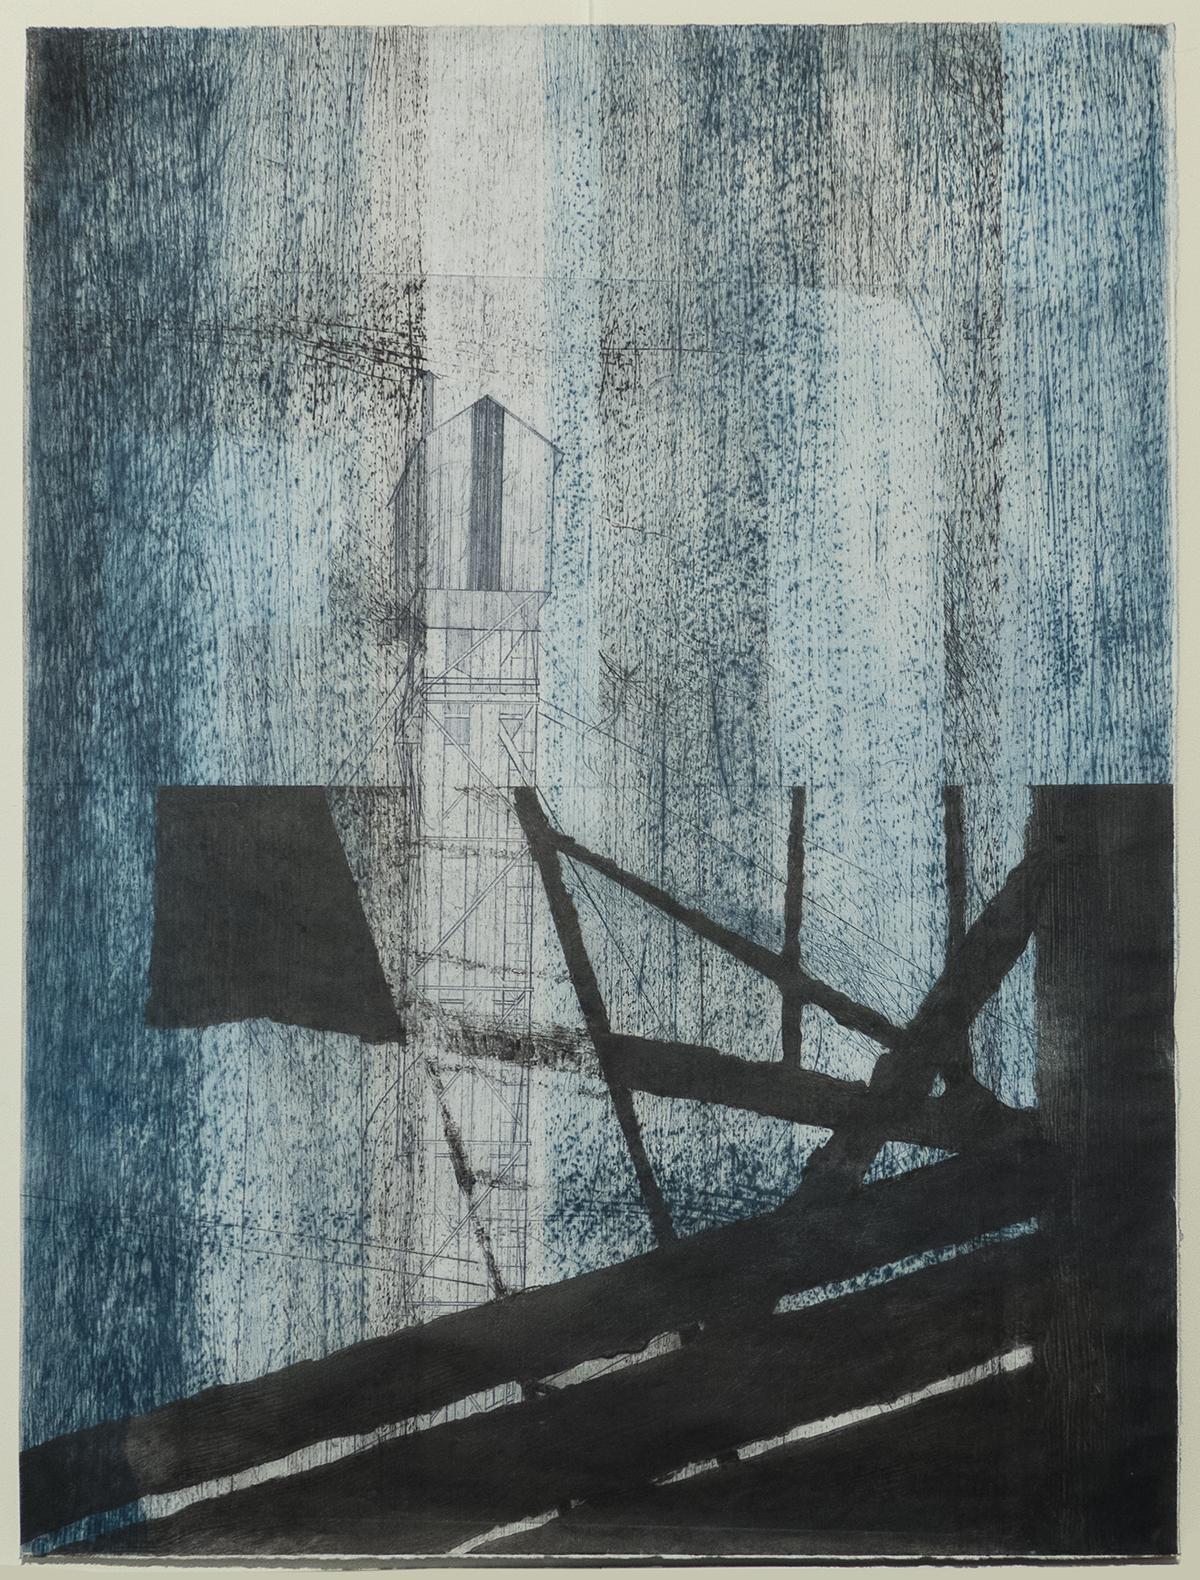 labastide, monoprint, carborundum, pointe sèche, chine-collé, monotype sur papier wenzhou 30g ou de gravure 160g, blandine galtier ©